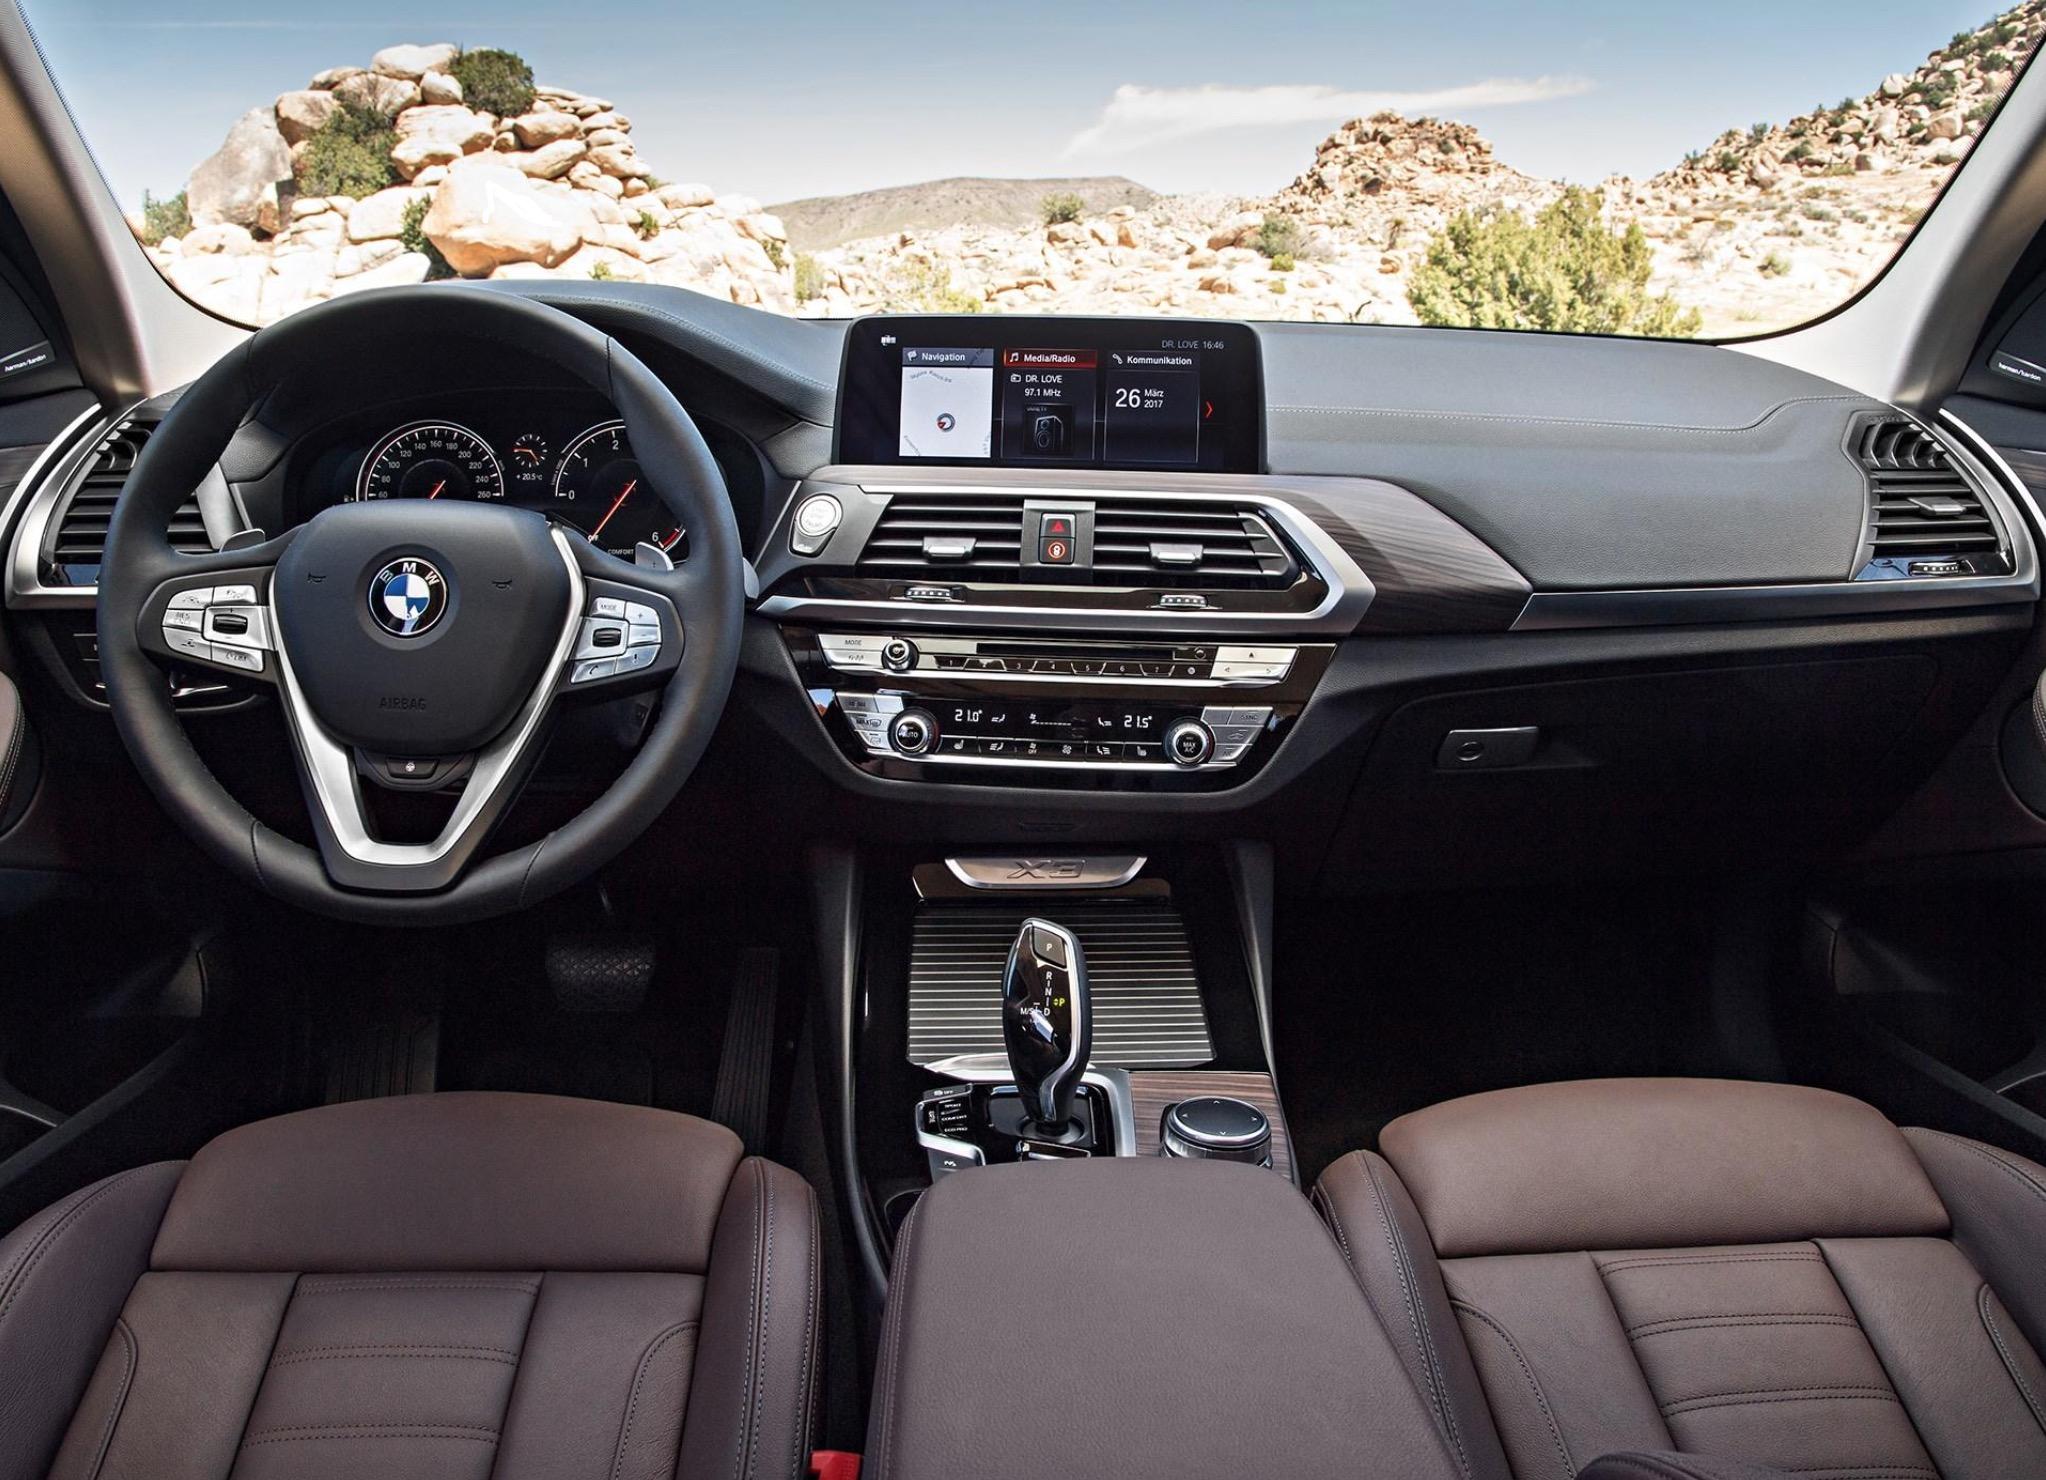 宝马X3终于要国产了,内部空间比奥迪Q5大,奔驰GLC开始着急了